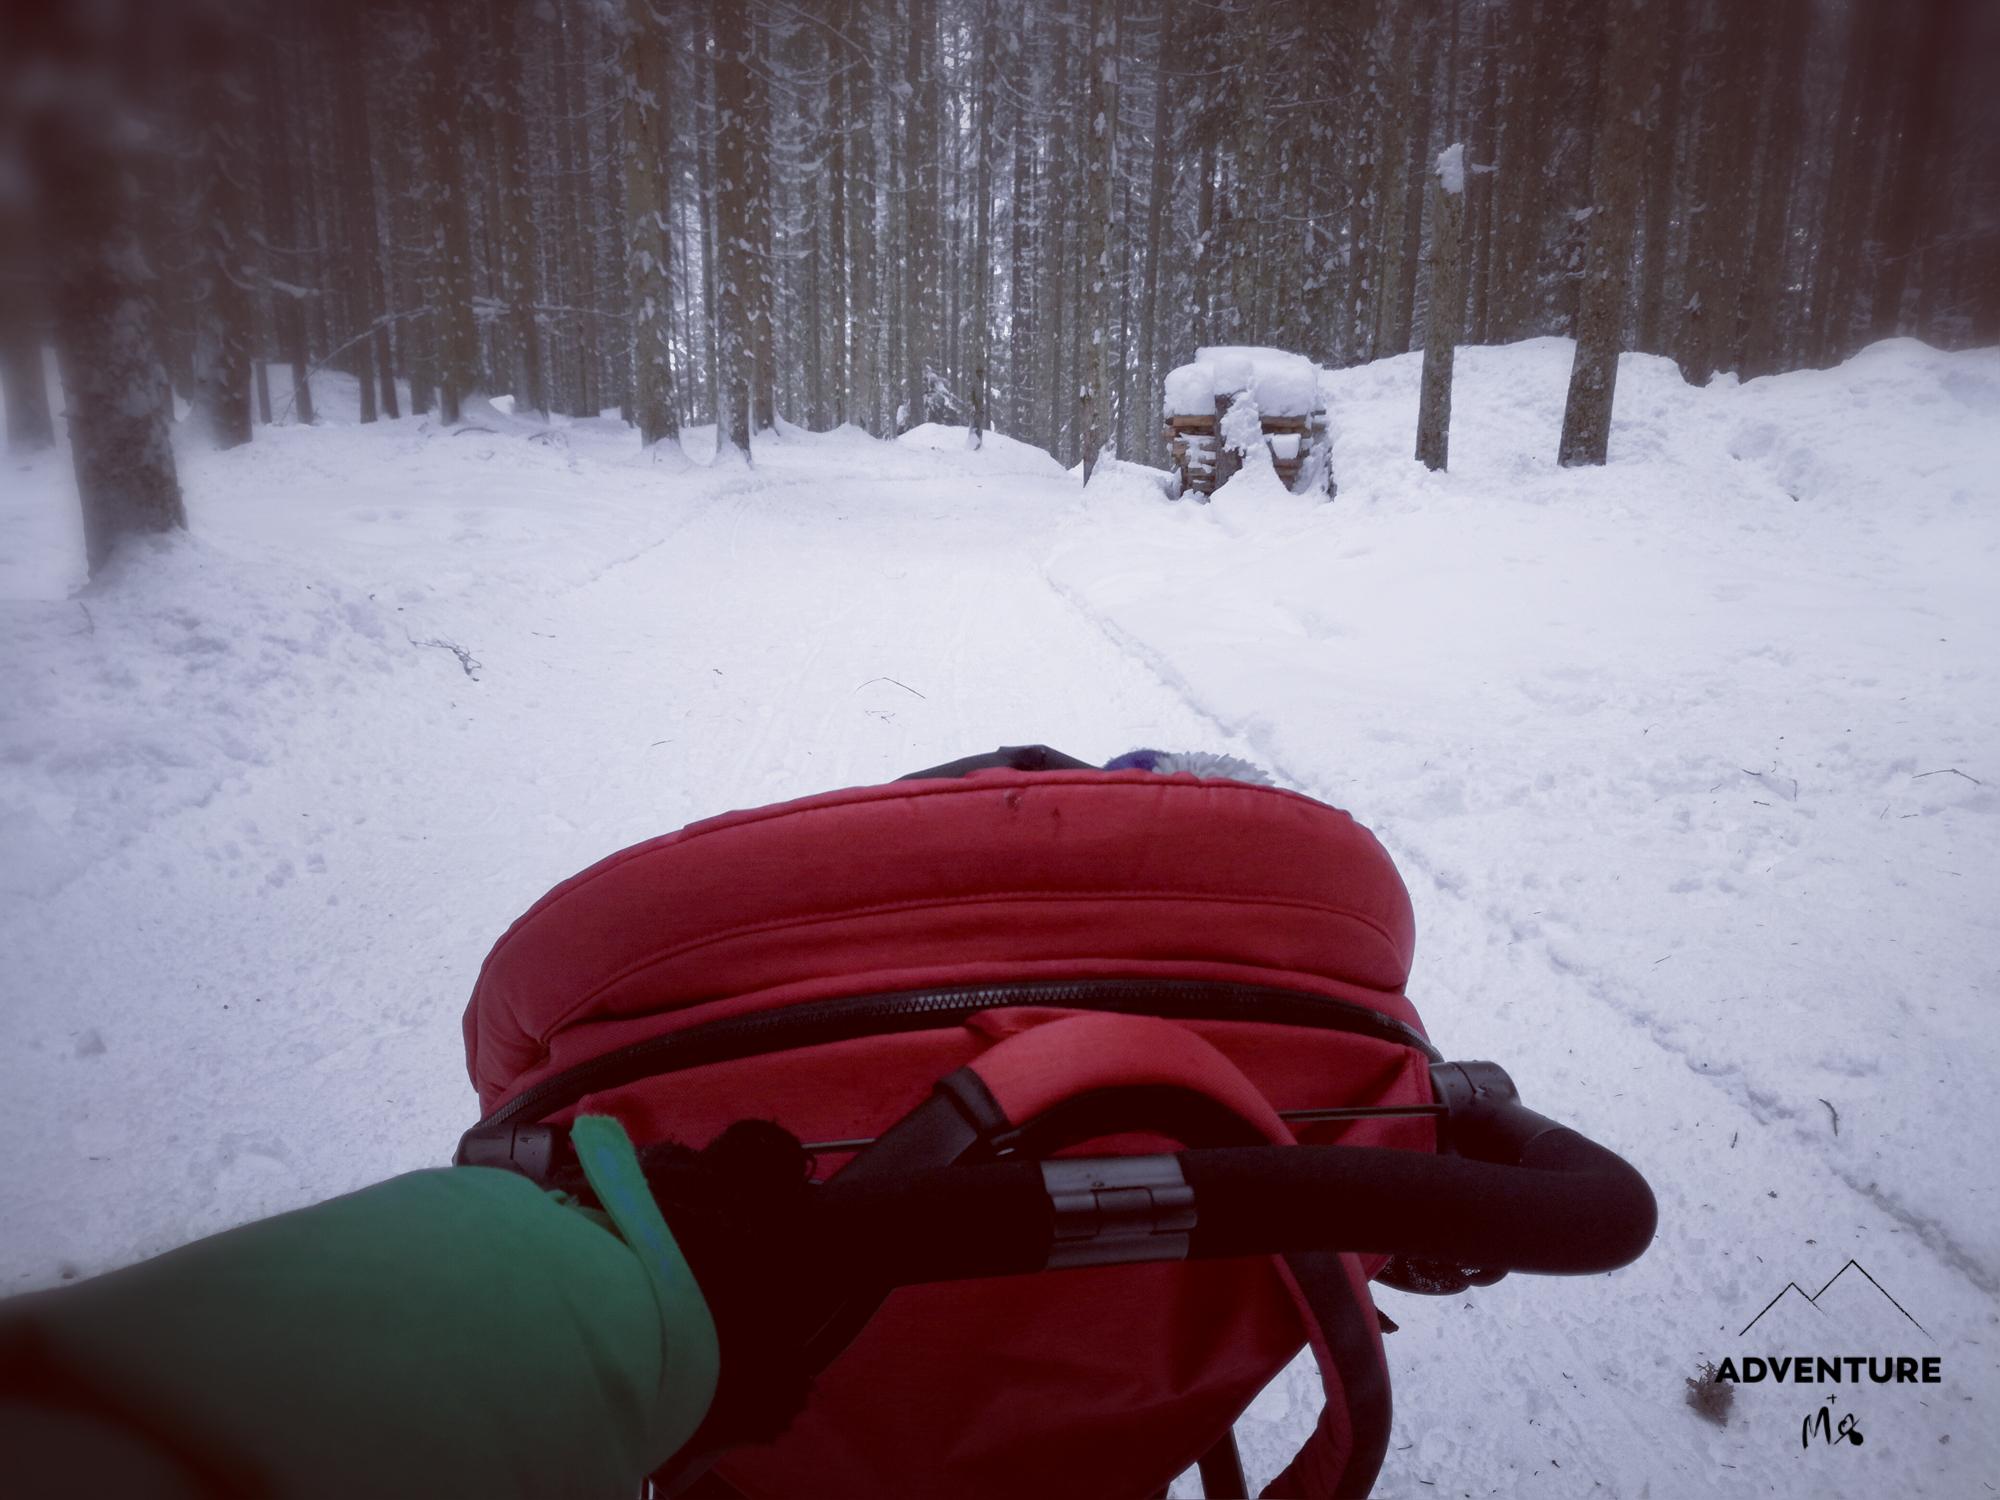 Ein roter Kinderwagen wird durch den verschneiten Wald geschoben